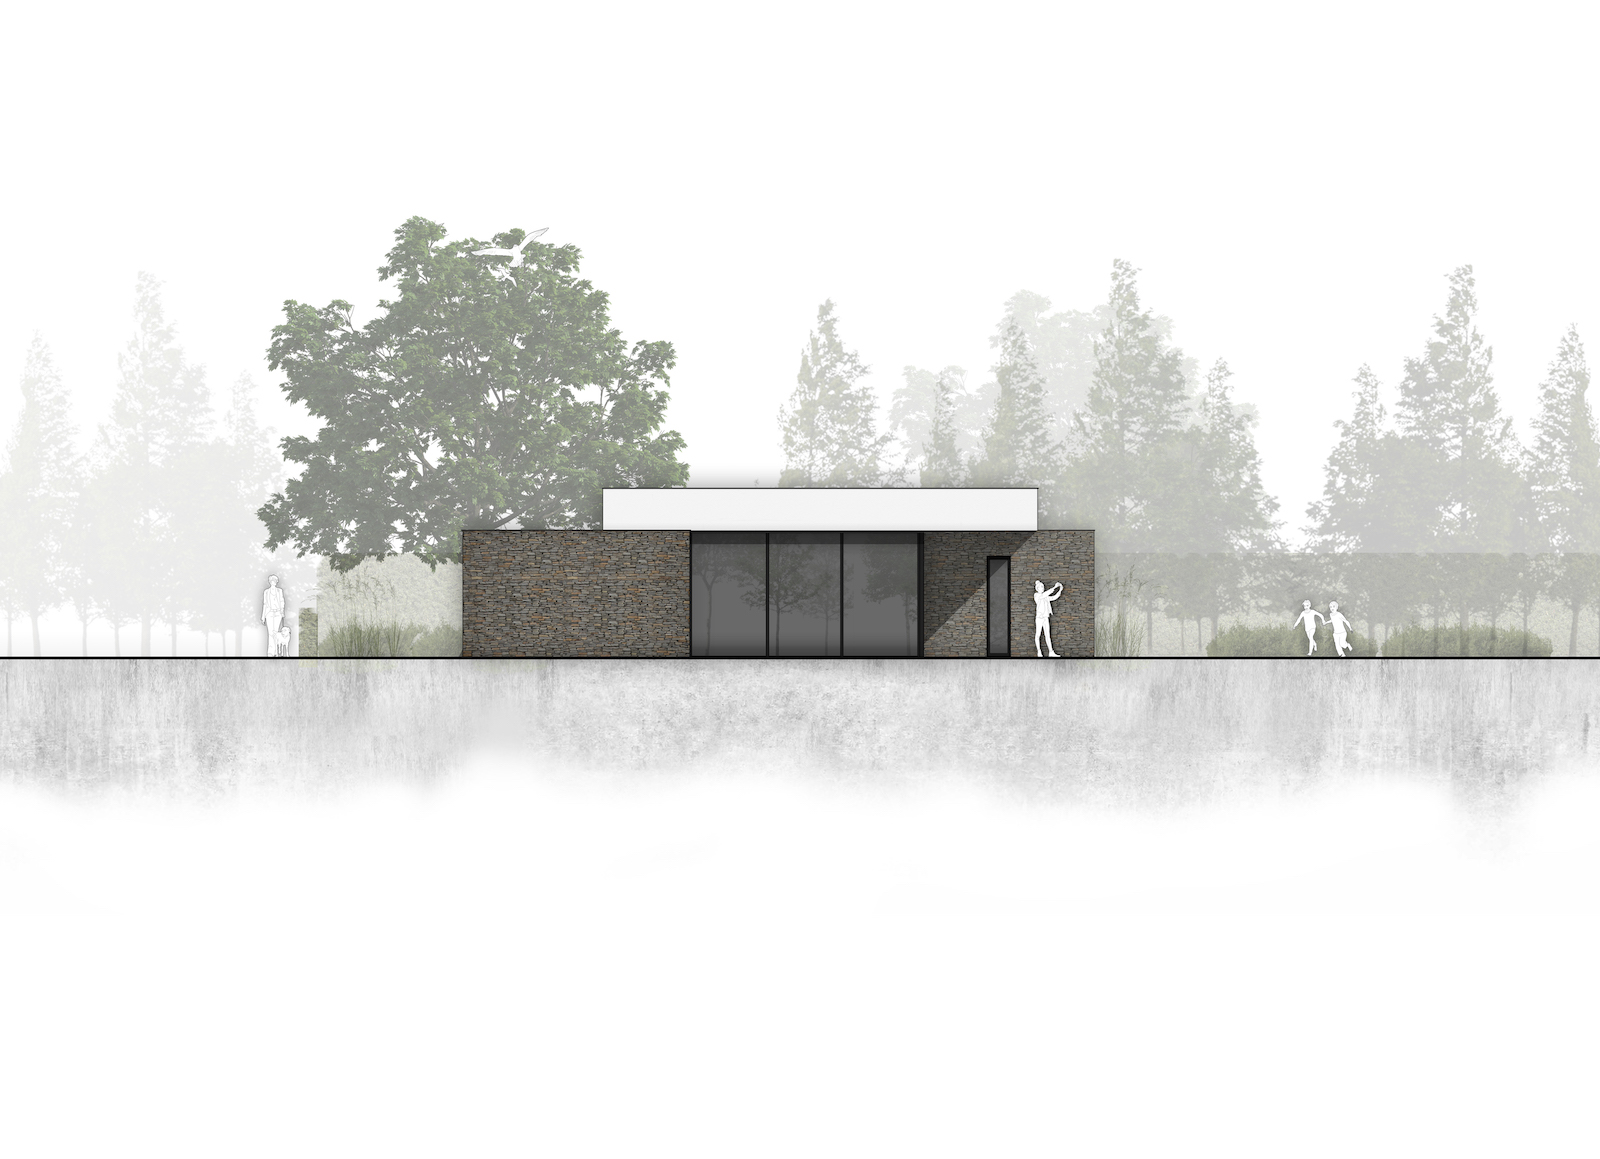 van-os-architecten-breda-nieuwbouw-moderne-bungalow-in-zichtwerk-natuurgevelsteen-en-gevelstucwerk-in-breda-rechterzijgevel